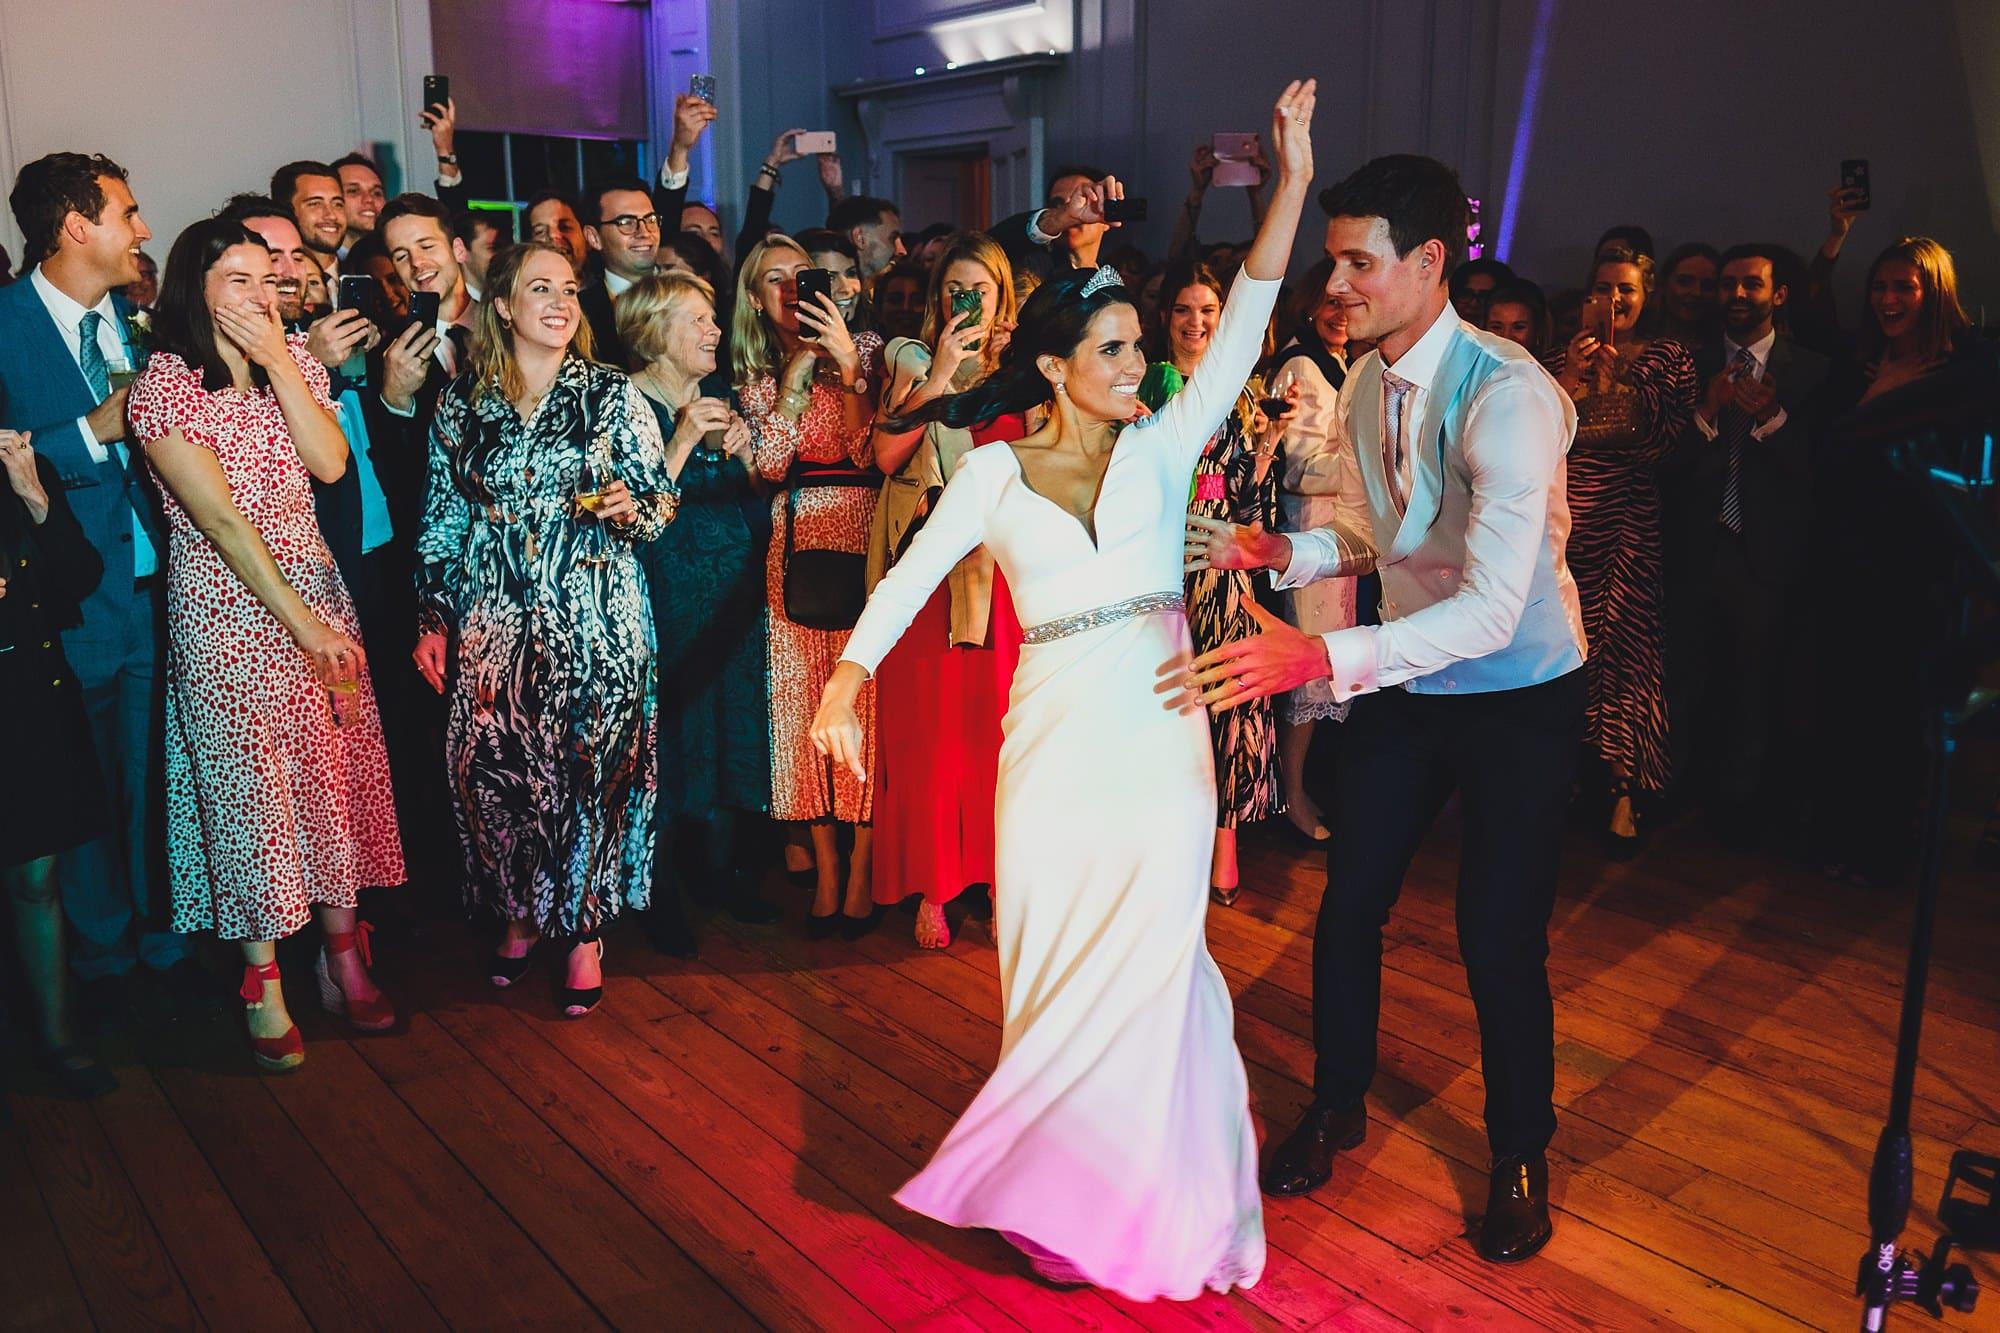 fulham palace wedding photographer ok 094 - Olivia + Kyle